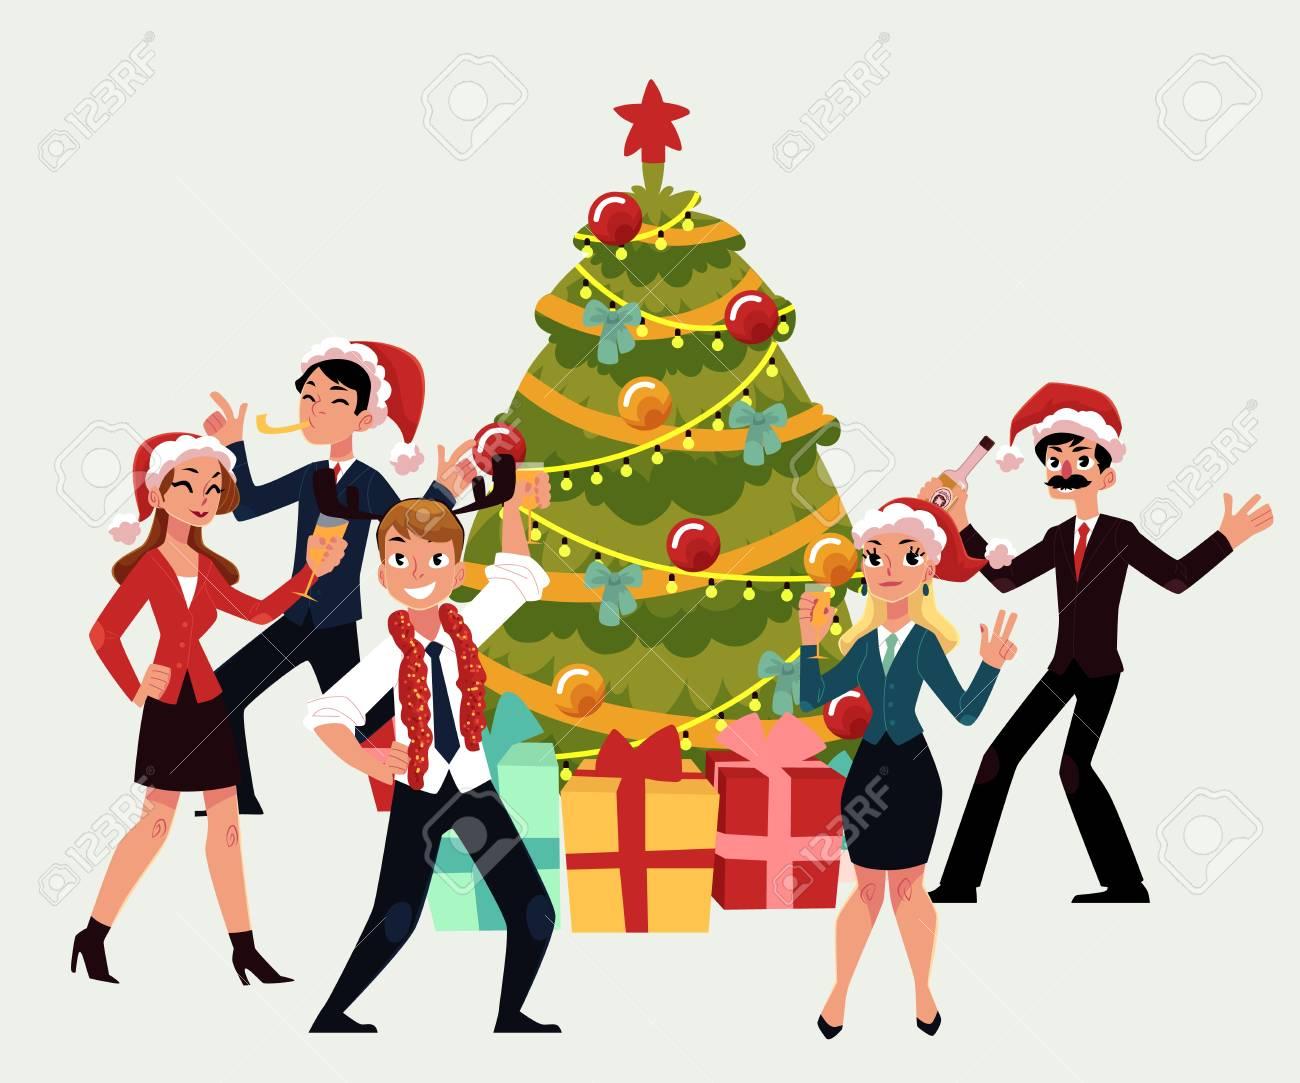 Gente Feliz En Navidad.Gente Feliz Que Tiene Fiesta De Navidad Corporativa Bailando Alrededor Del Arbol De Navidad Ilustracion Vectorial De Dibujos Animados Aislado Sobre